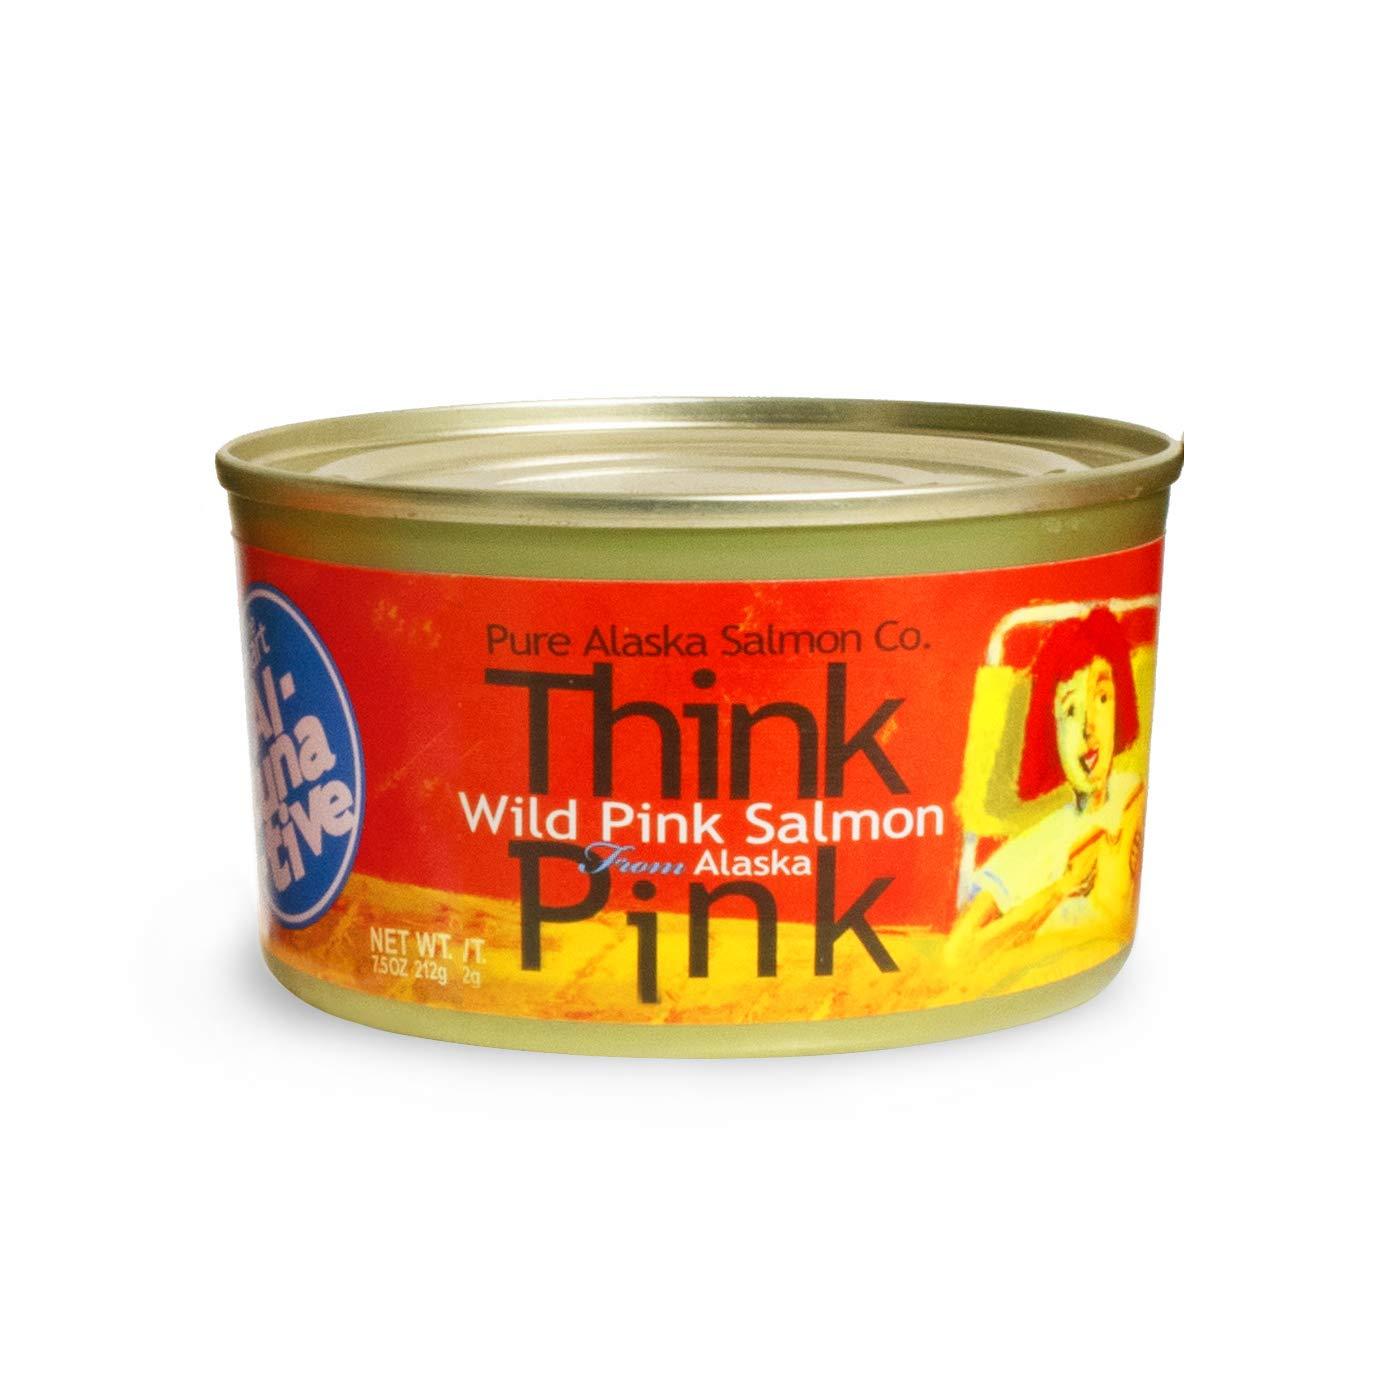 Think Pink Wild Alaska Pink Salmon -The Original Smart Al-TUNA-t